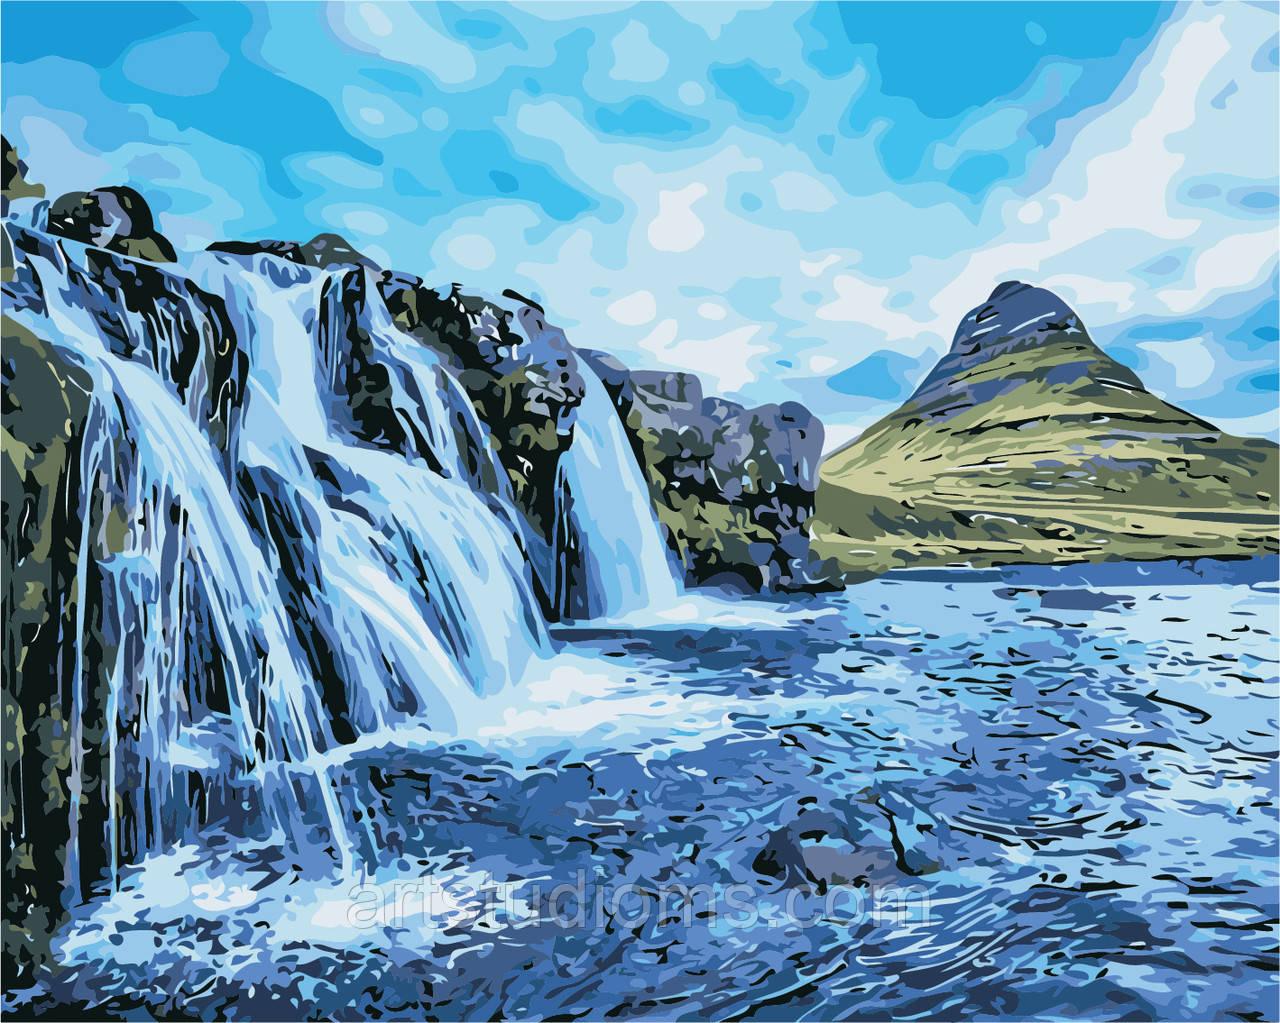 Картина по номерам Водопады, отличный подарок, 40 х 50 см, С Коробкой